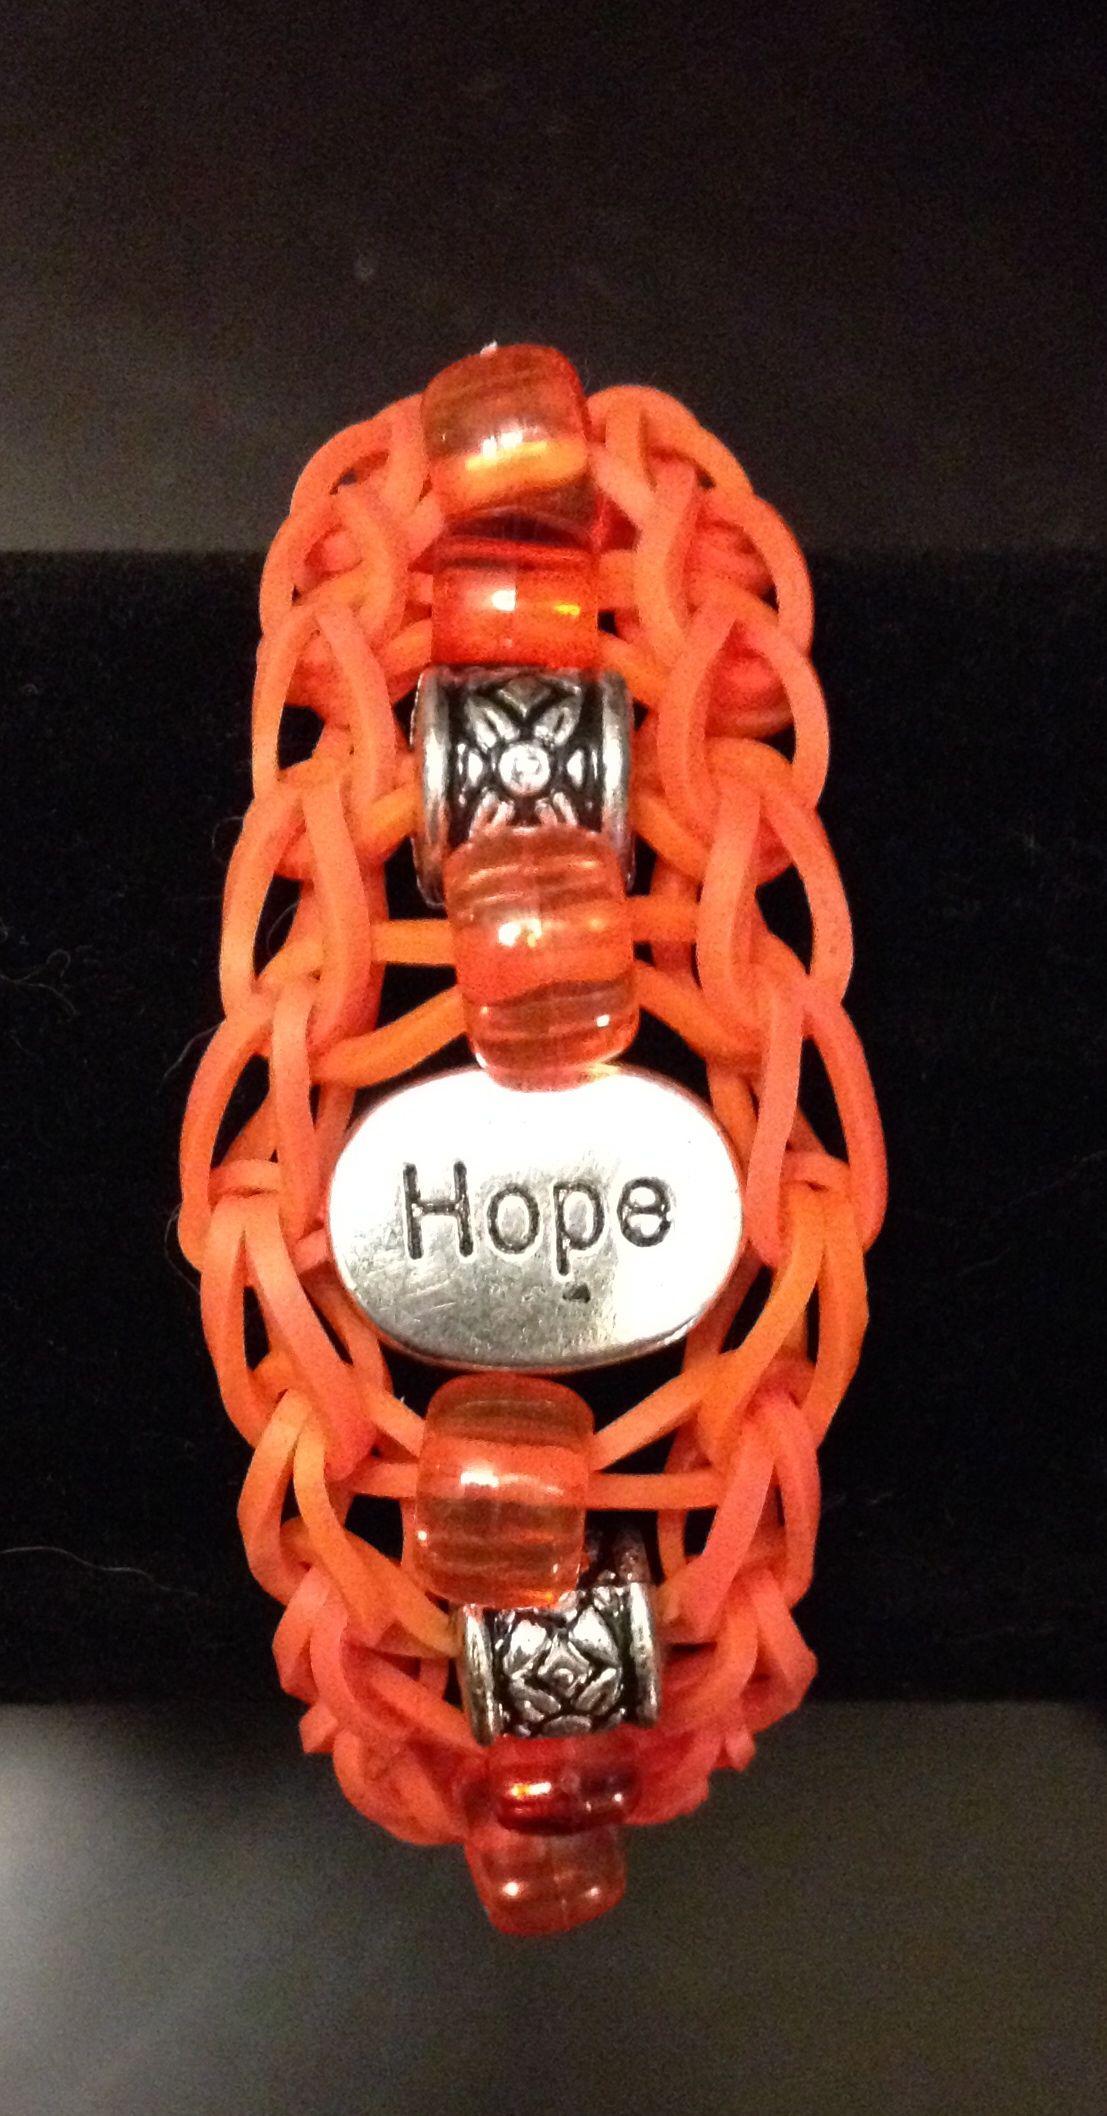 Leukemia awareness hope rainbow loom bracelet see more at facebook